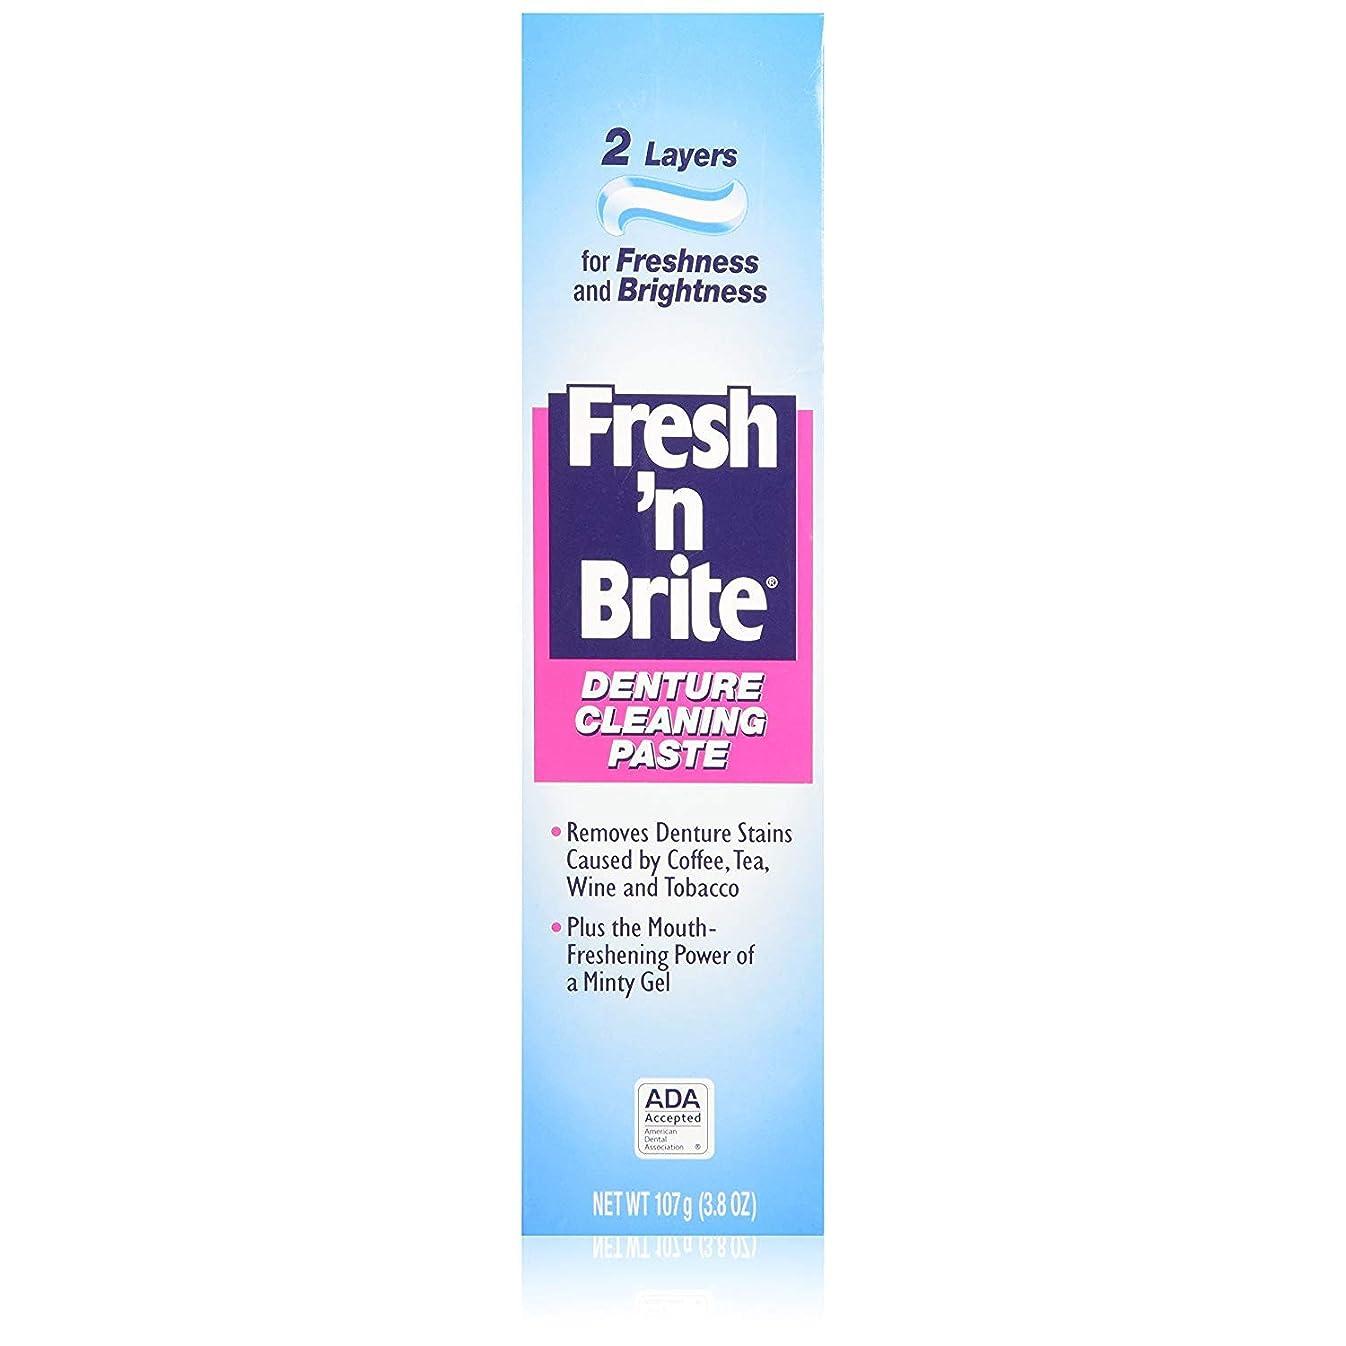 コーヒー酸医療のFresh'n Brite 新鮮な「Nブライト義歯洗浄は3.80オズ(5パック)を貼り付け 5パック